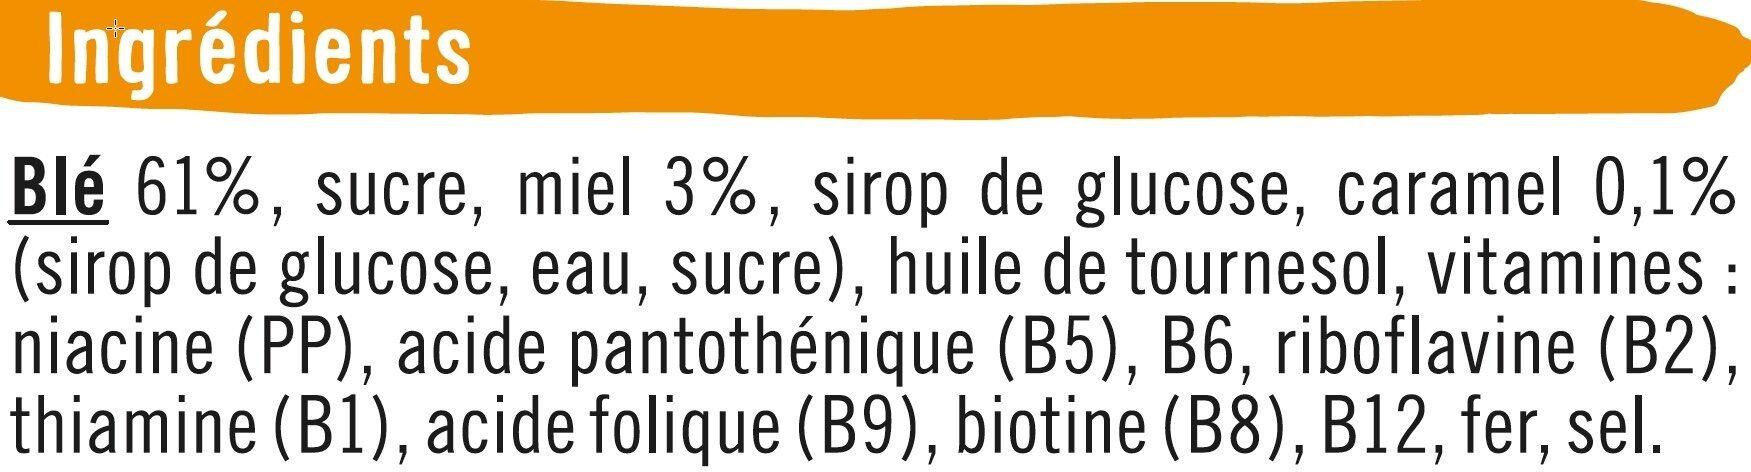 Blé miel caramel - Ingrédients